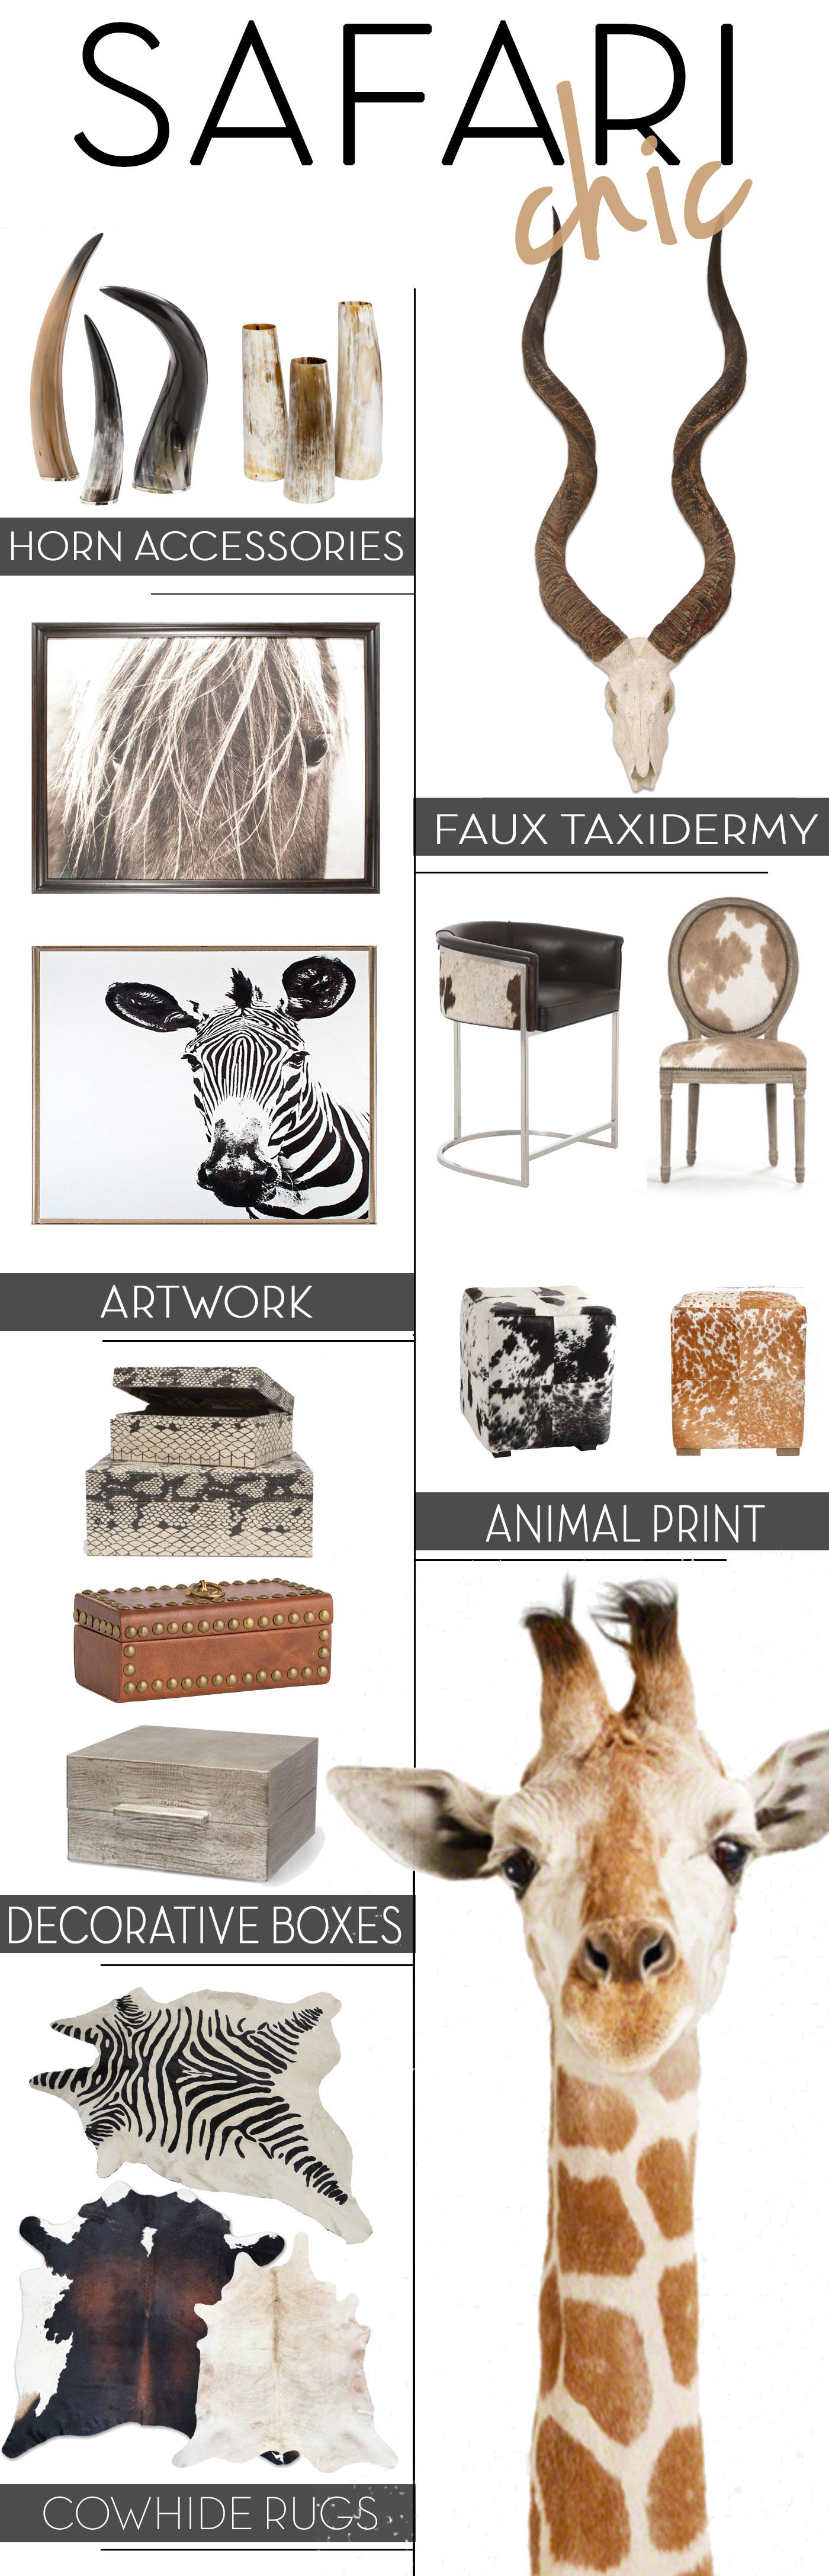 Blackband_design_safari_chic